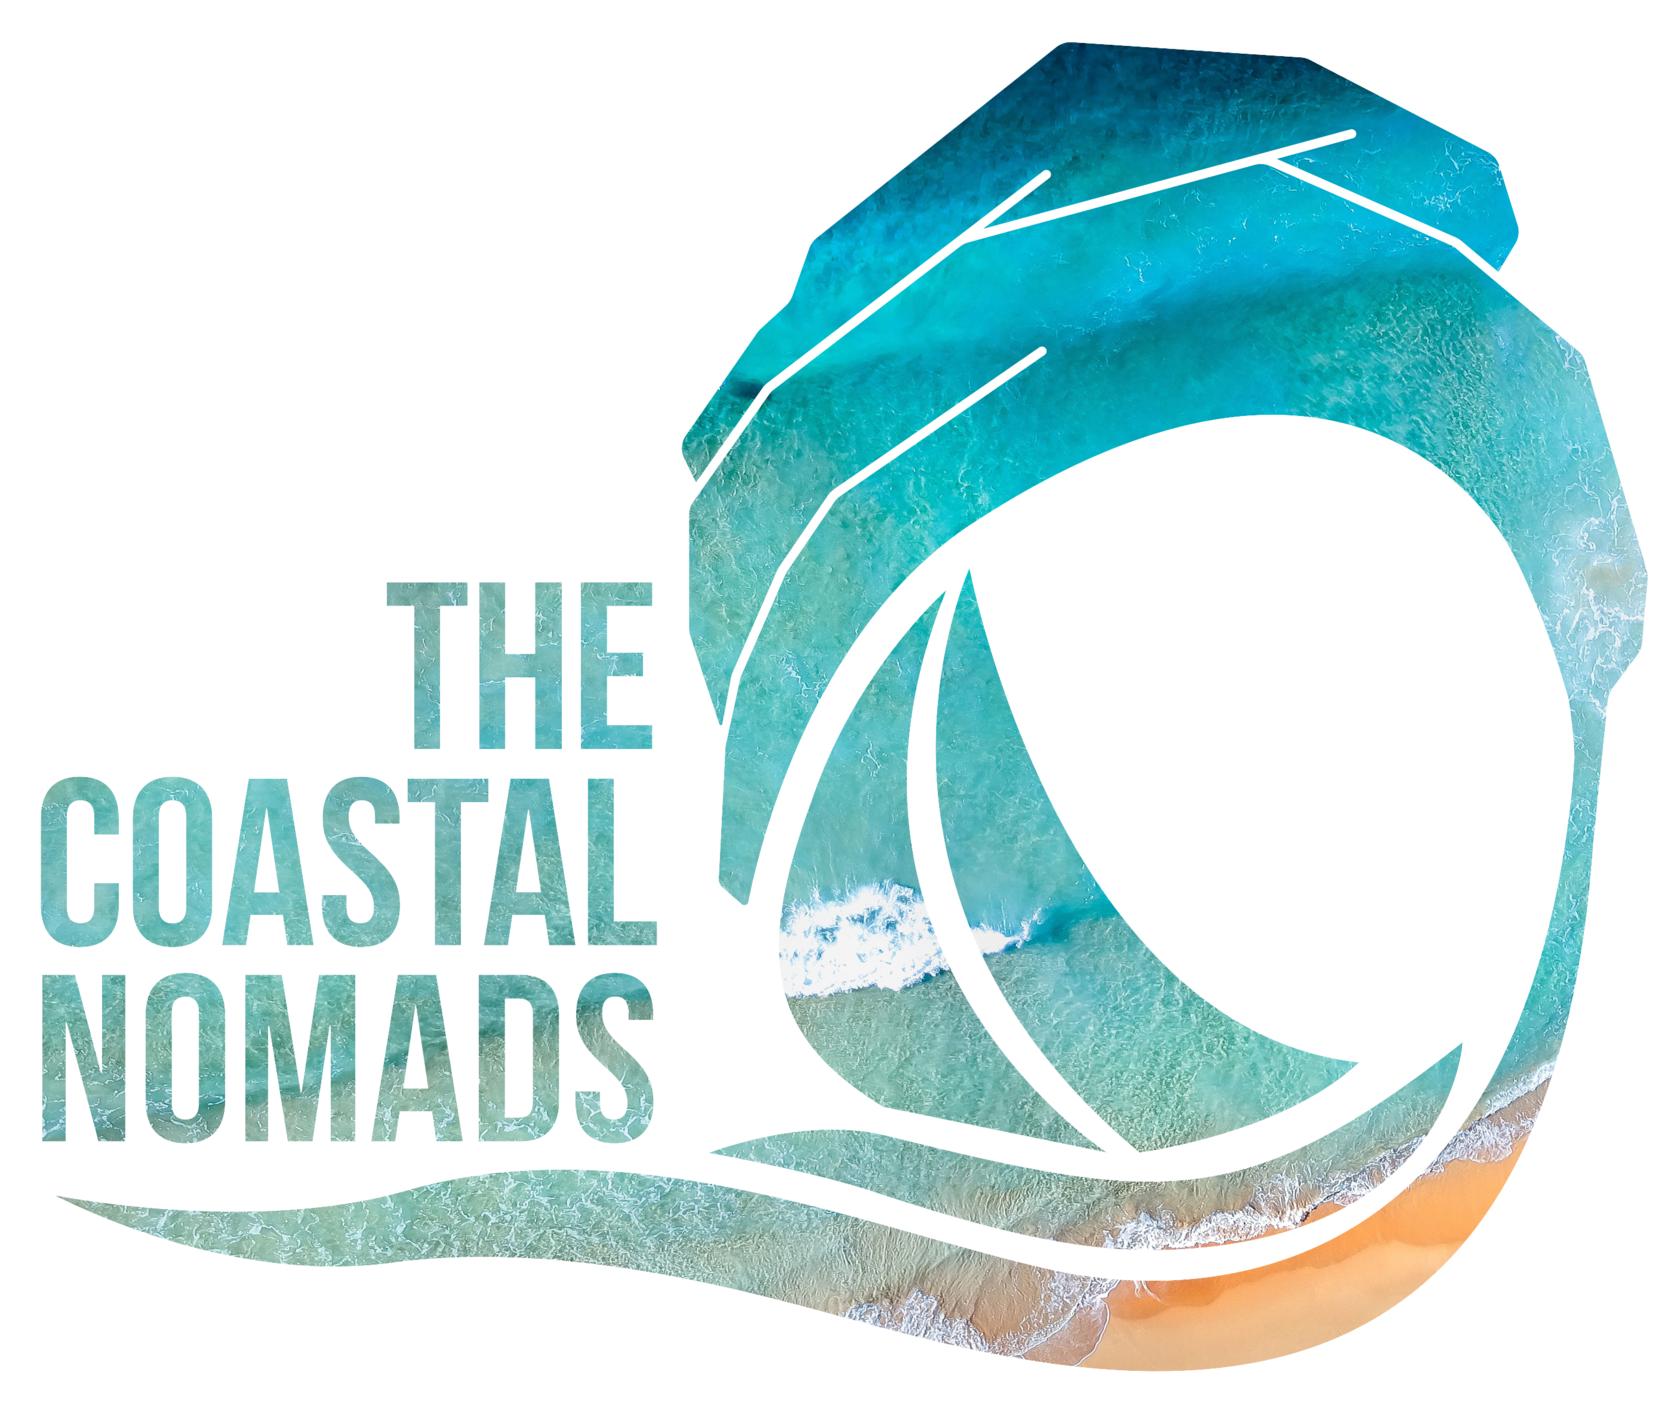 The Coastal Nomads